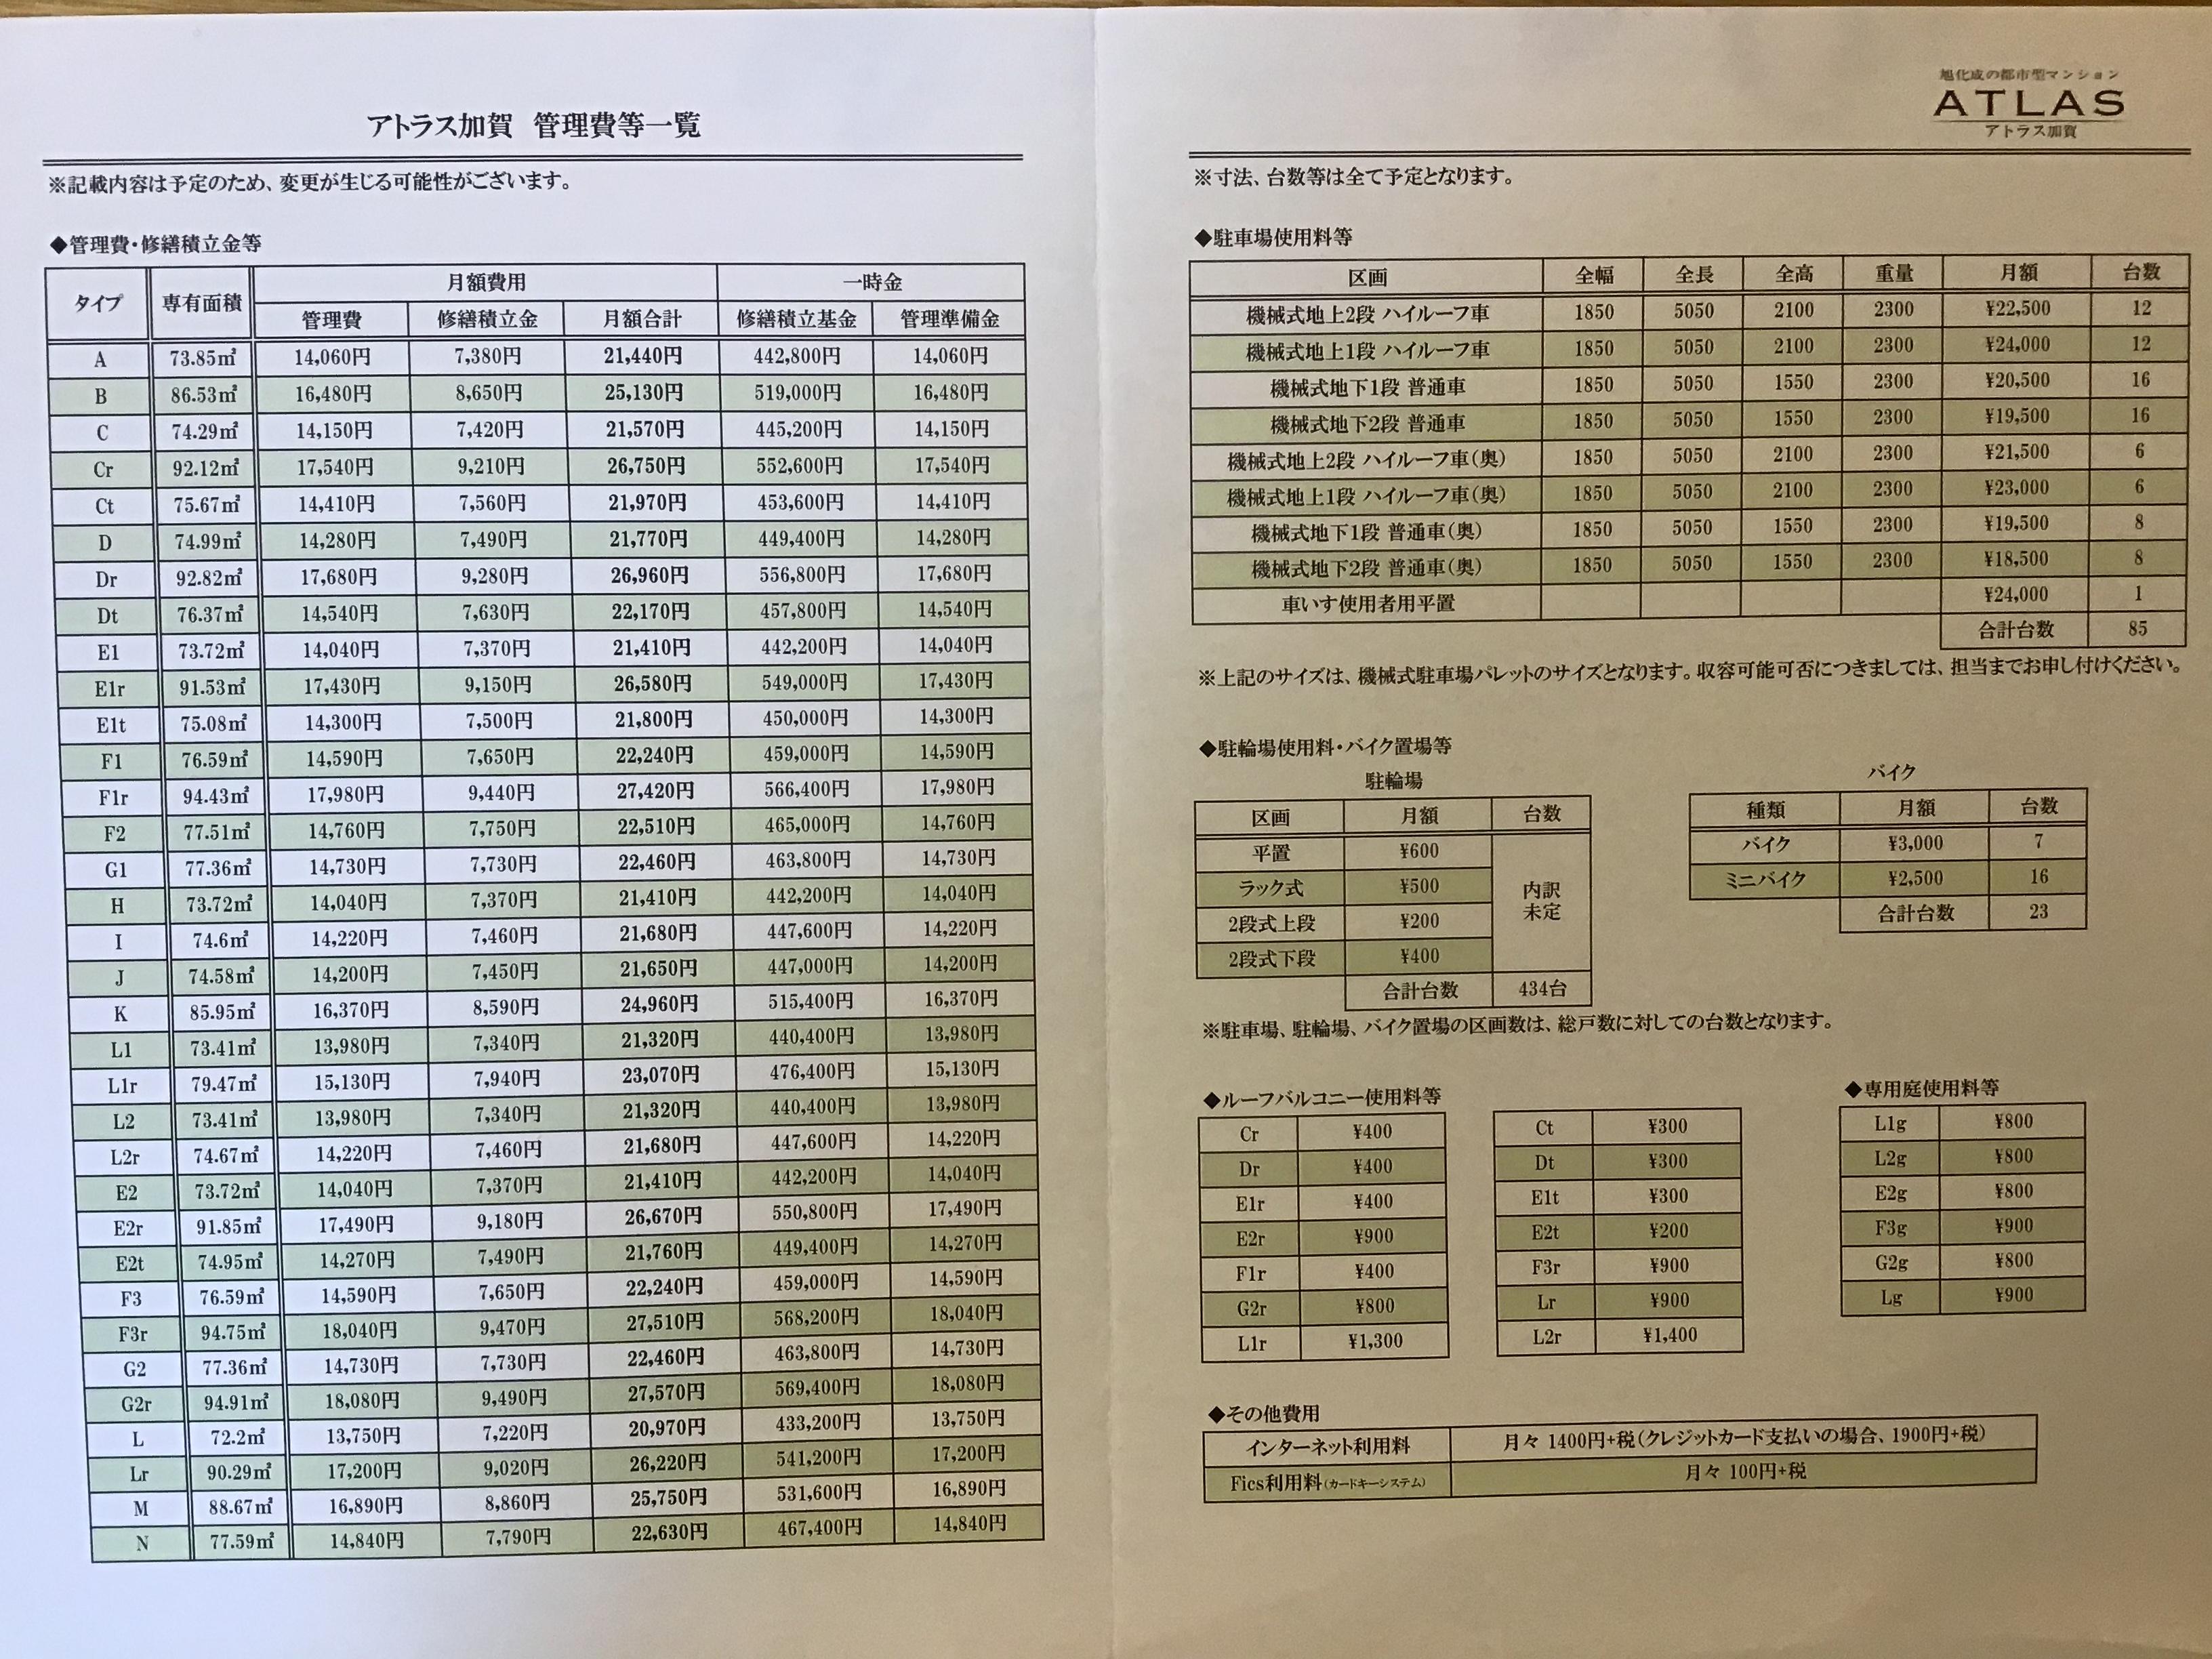 E5ADE7B9-9708-48AD-B59B-794FCE890D04